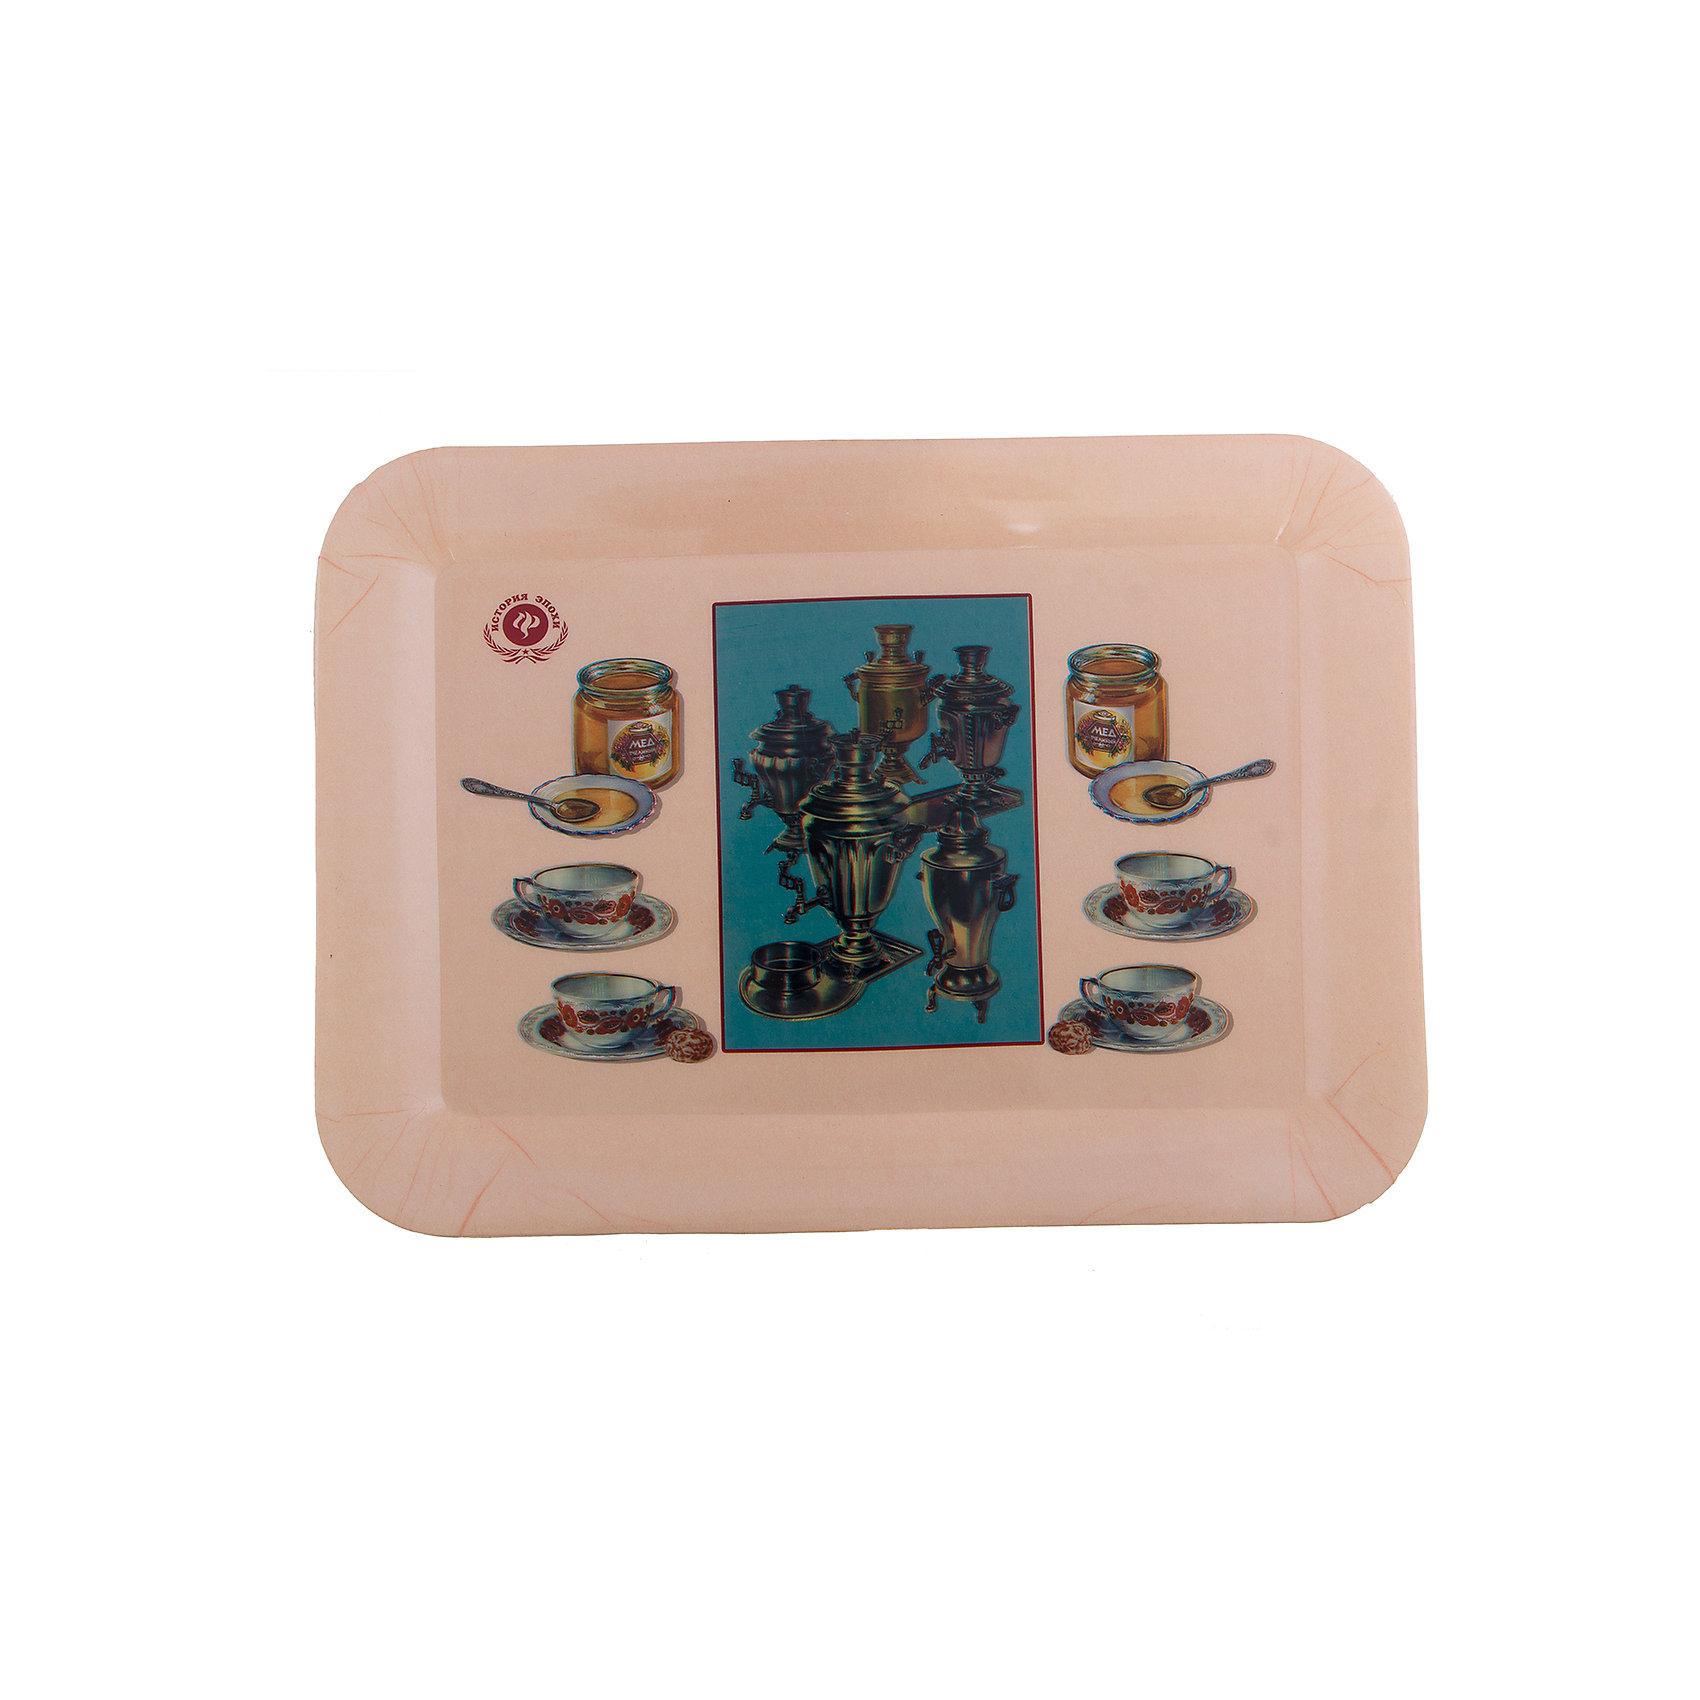 Поднос кухонный  Варенья 35,5*25,5смПосуда<br>Кухонный поднос Варенье изготовлен из качественного полипропилена, оснащен удлиненными бортиками и декорирован рисунком с изображение баночек с вареньем. Прекрасно подойдет для декора и сервировки!<br><br>Дополнительная информация:<br>Материал: полипропилен<br>Размер: 36х26х2 см<br>Вес: 250 грамм<br>Вы можете купить кухонный поднос Варенья в нашем интернет-магазине.<br><br>Ширина мм: 290<br>Глубина мм: 280<br>Высота мм: 380<br>Вес г: 248<br>Возраст от месяцев: 84<br>Возраст до месяцев: 216<br>Пол: Унисекс<br>Возраст: Детский<br>SKU: 4958008